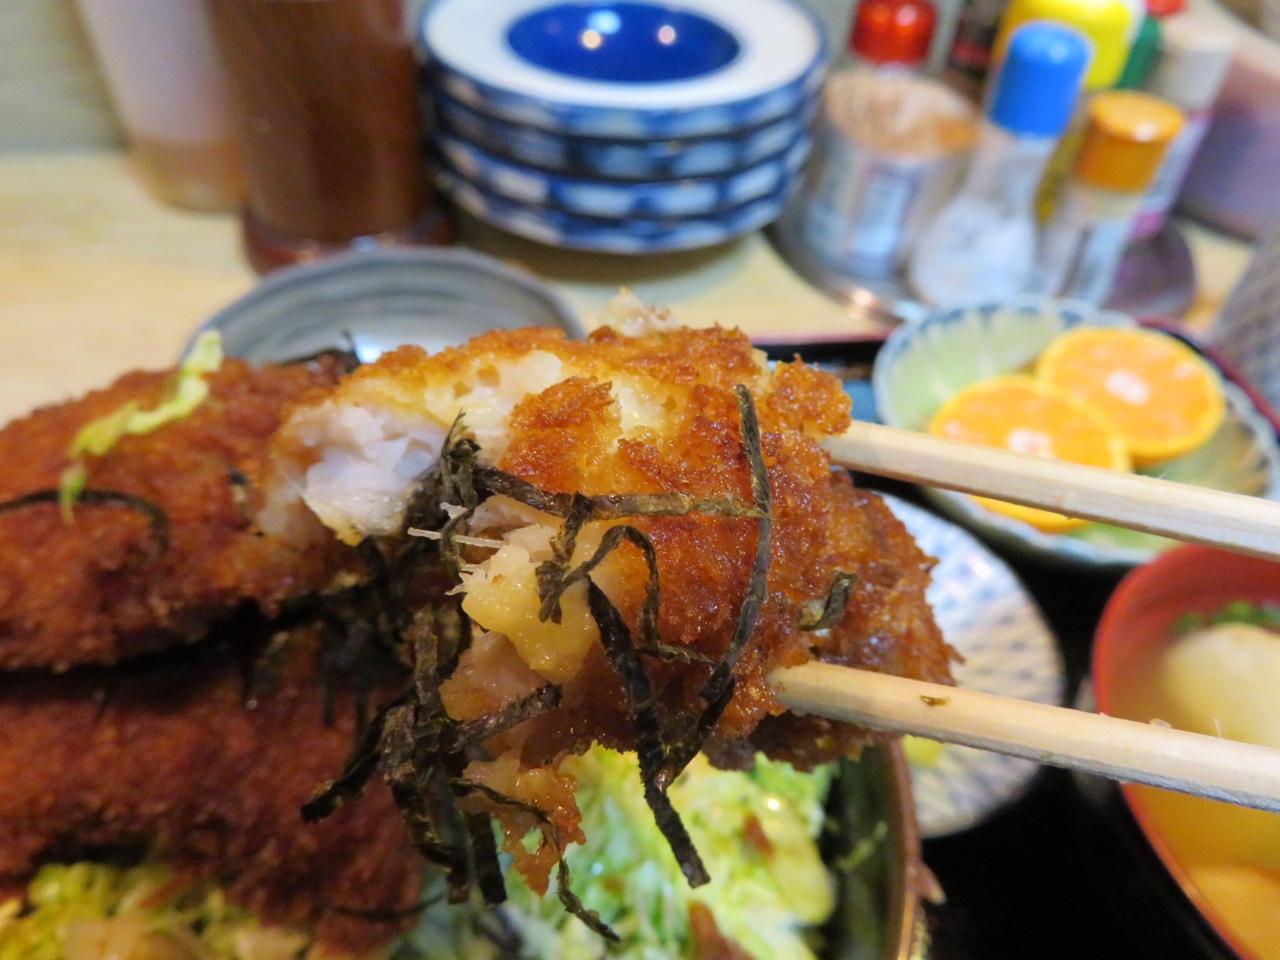 ボリューム満点!お腹が空いたら「季節料理いの」の「ハモカツ丼」がおすすめ!